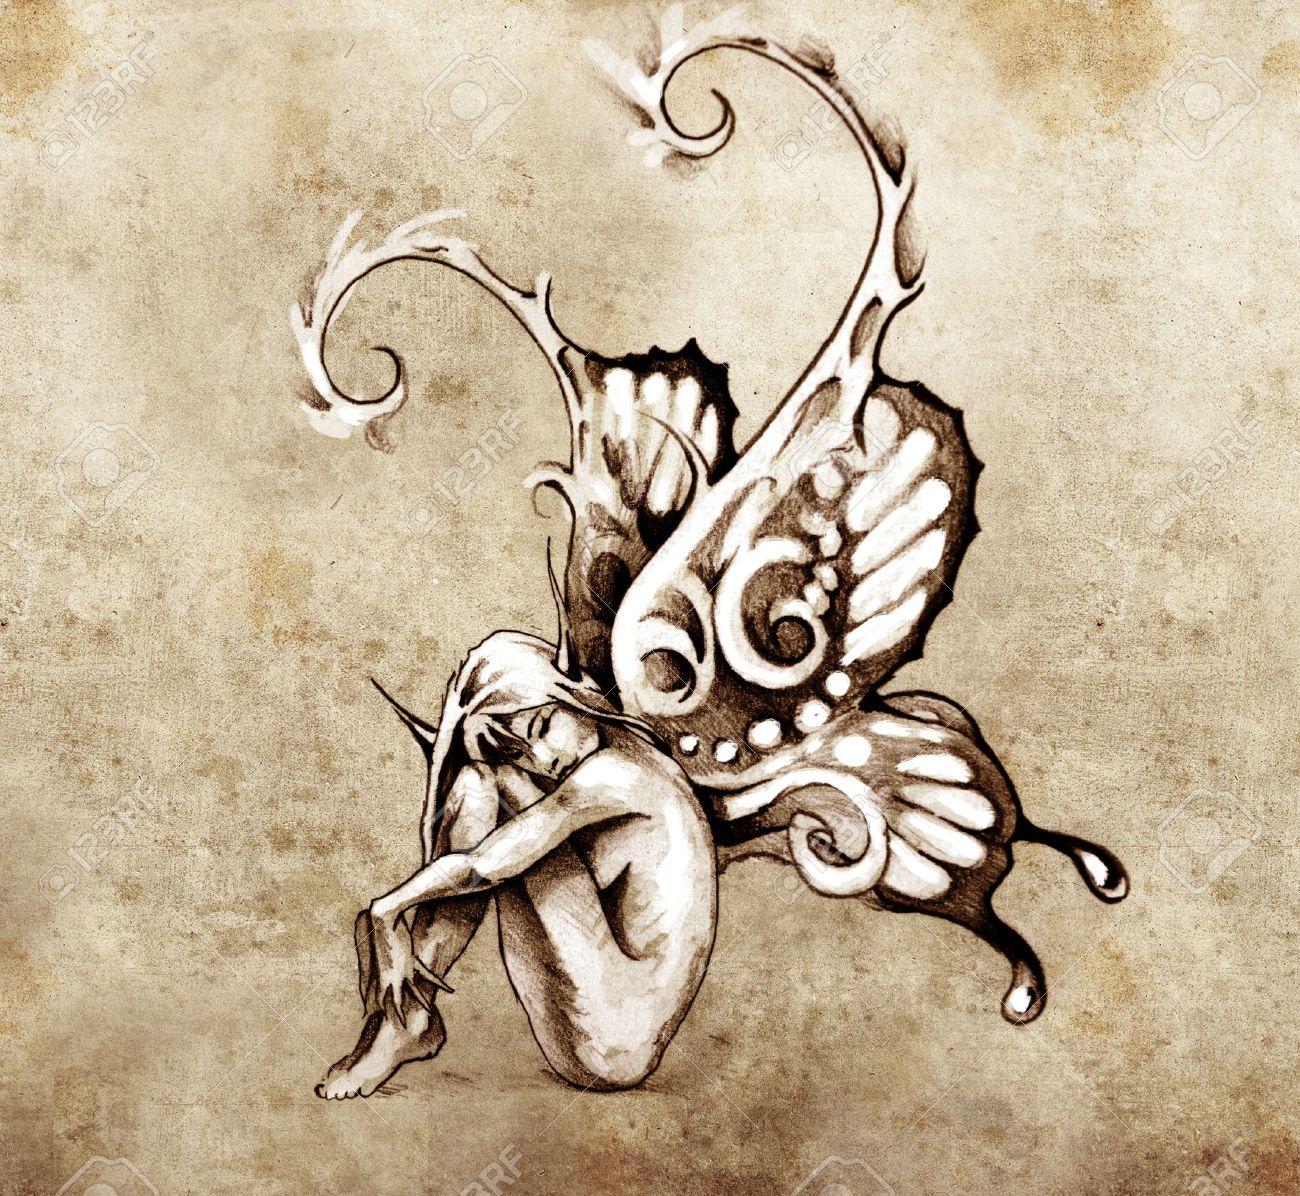 Croquis De Tatouage croquis de l'art du tatouage, fée avec des ailes de papillon banque